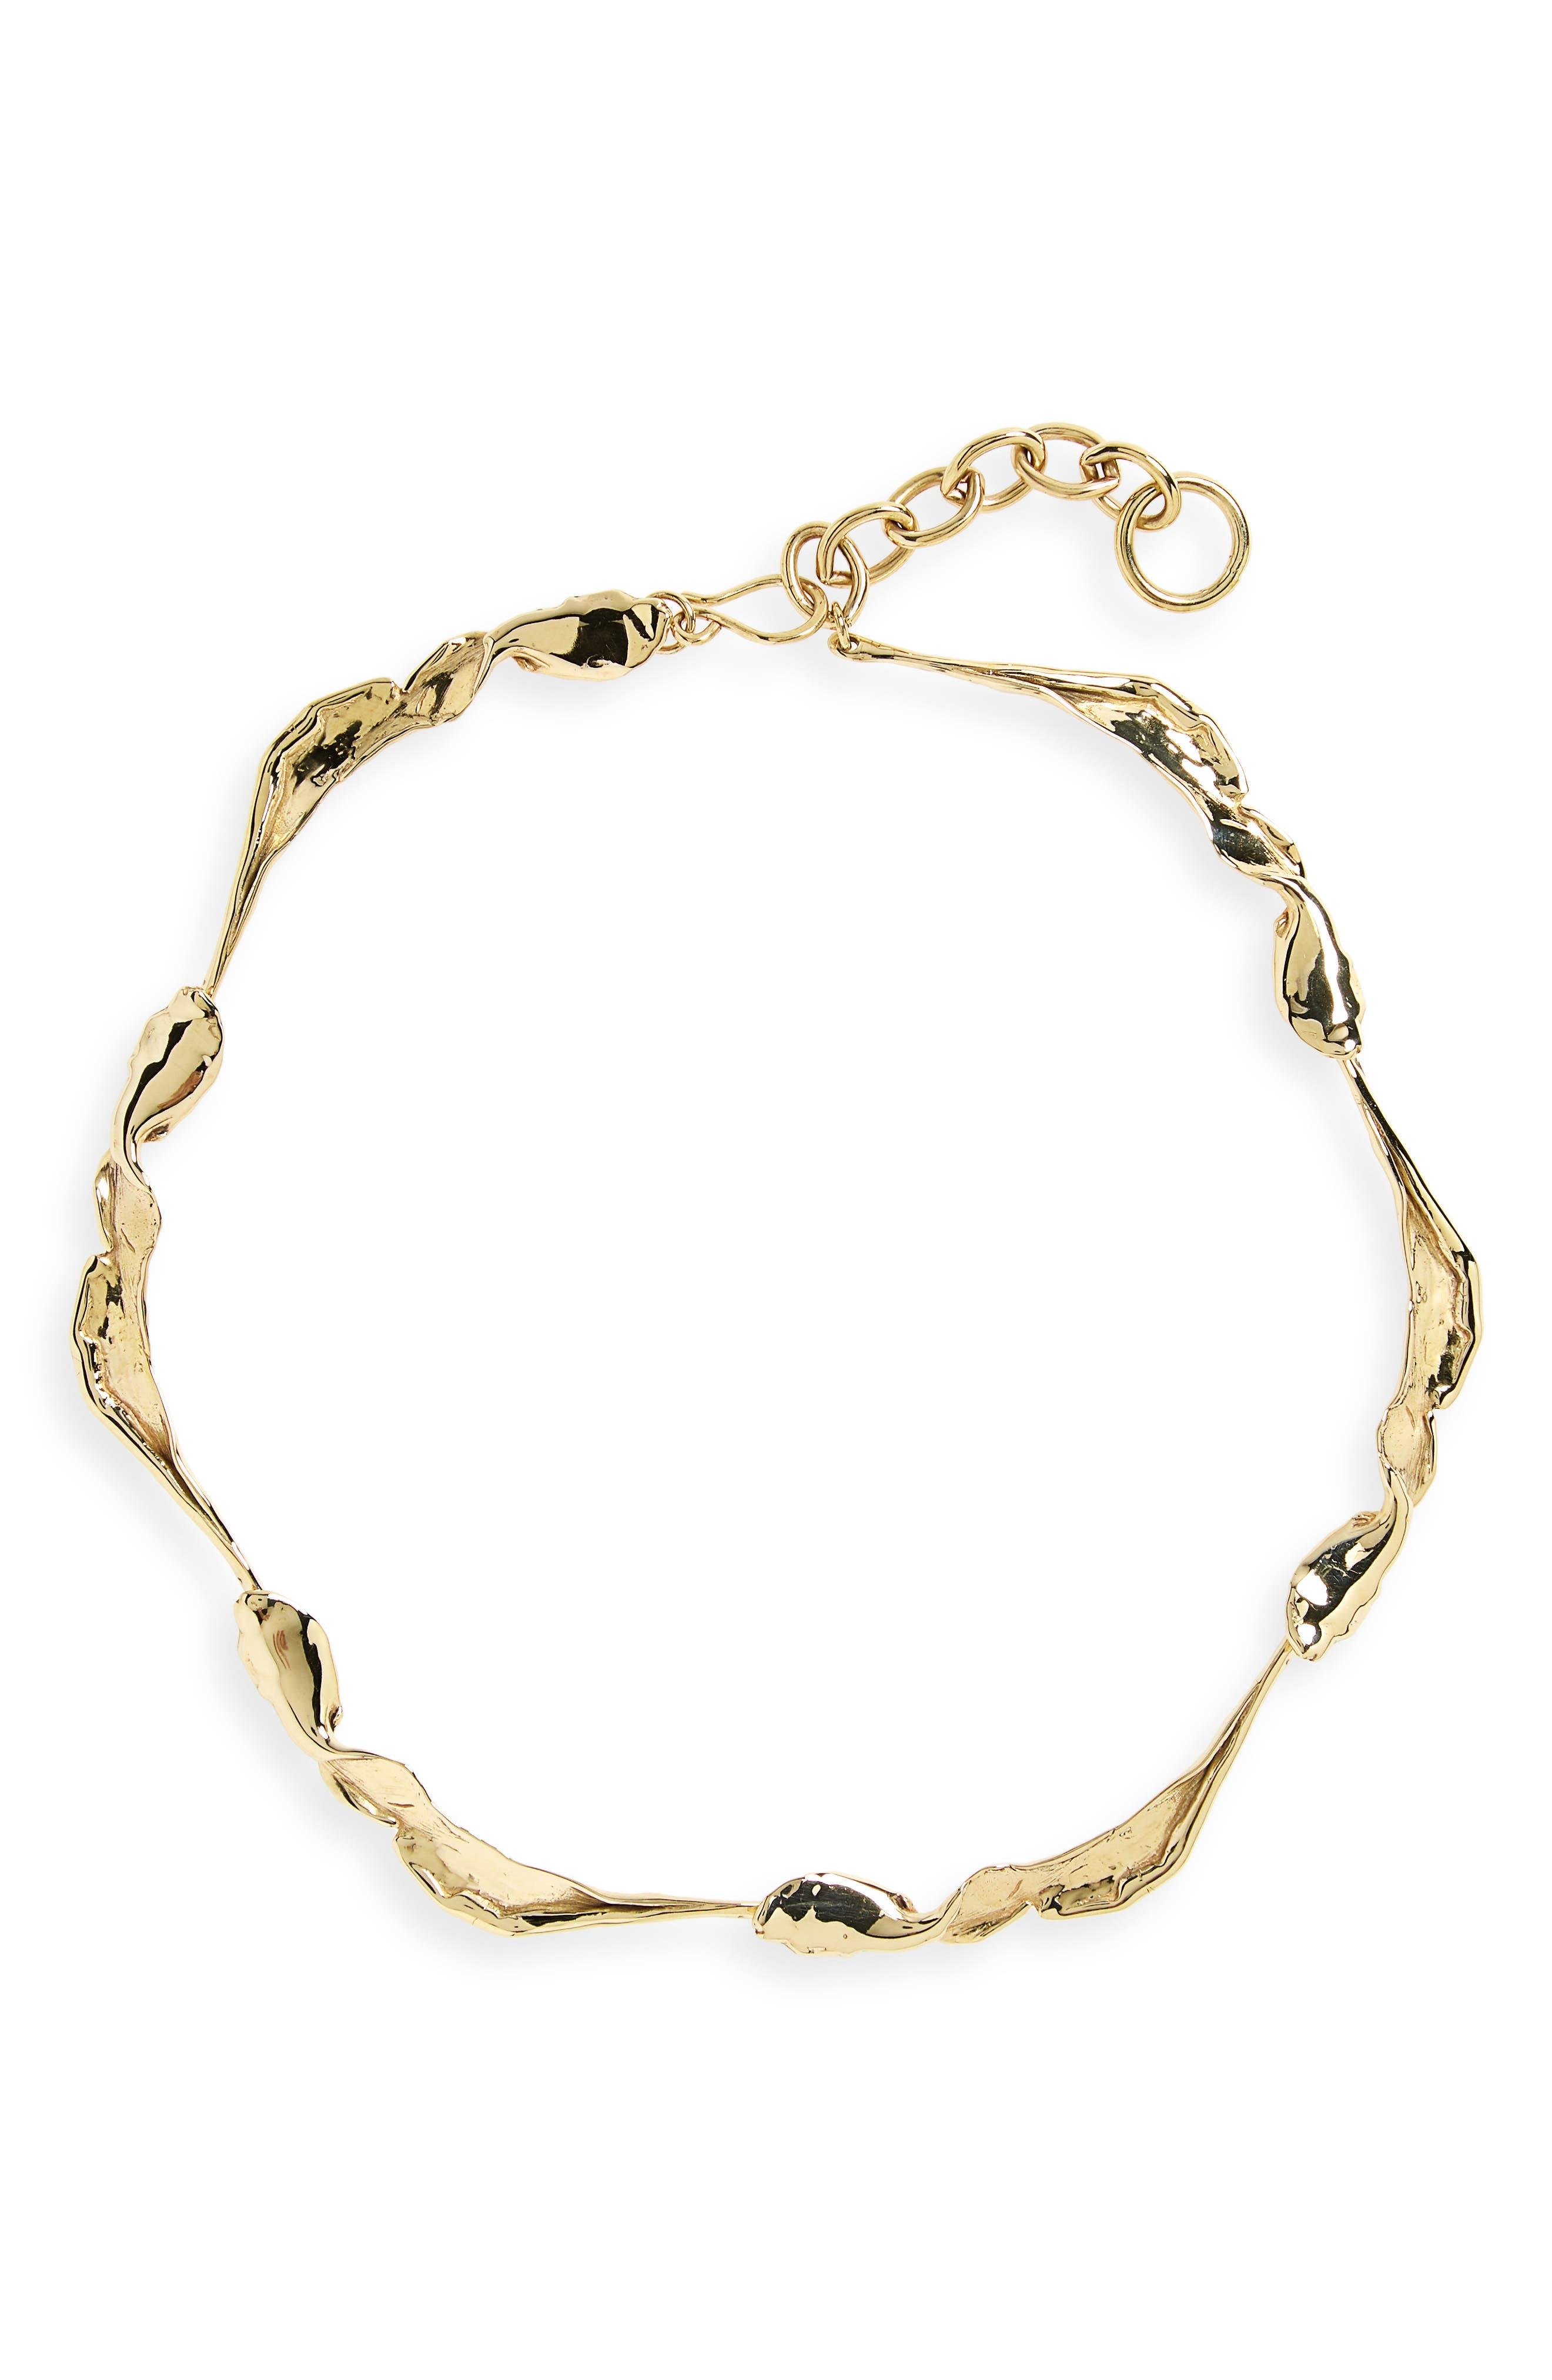 FARIS Folia Collar Necklace in Bronze